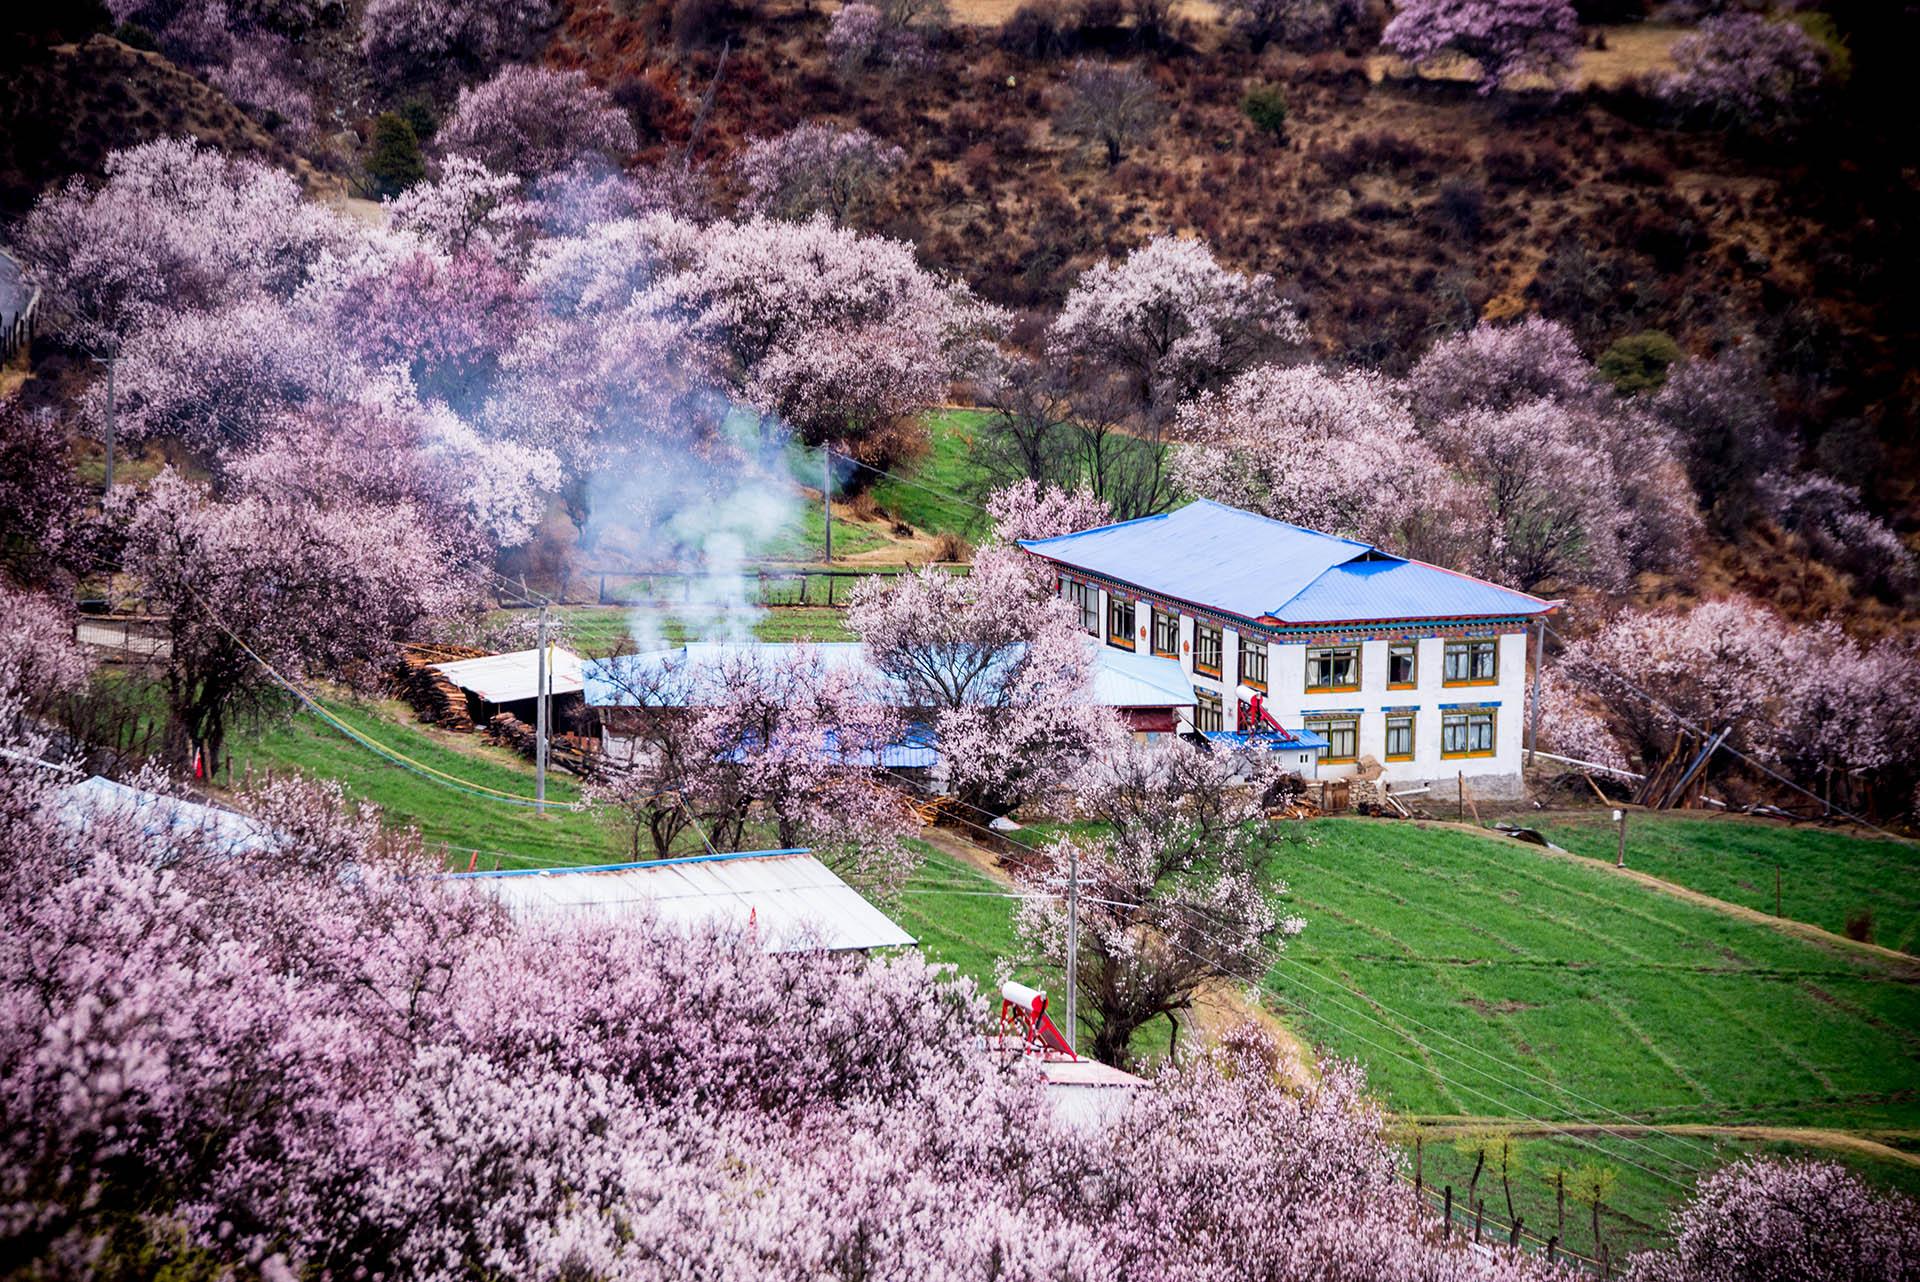 号称西藏江南的林芝地区,每年3-4月举行的桃花文化旅游节,是林芝旅游开发的一大名片。林芝的桃花是高原的桃花,雪山山脚桃花盛开,林芝桃花每个县都有桃花的身影,但开幕式一般是在巴宜区嘎拉村,北游工布江达县,南游米林县和波密县,其中波密县波堆藏布流经倾多镇—许木乡桃花沟绵延达30公里,被称为中国最长的桃花沟。